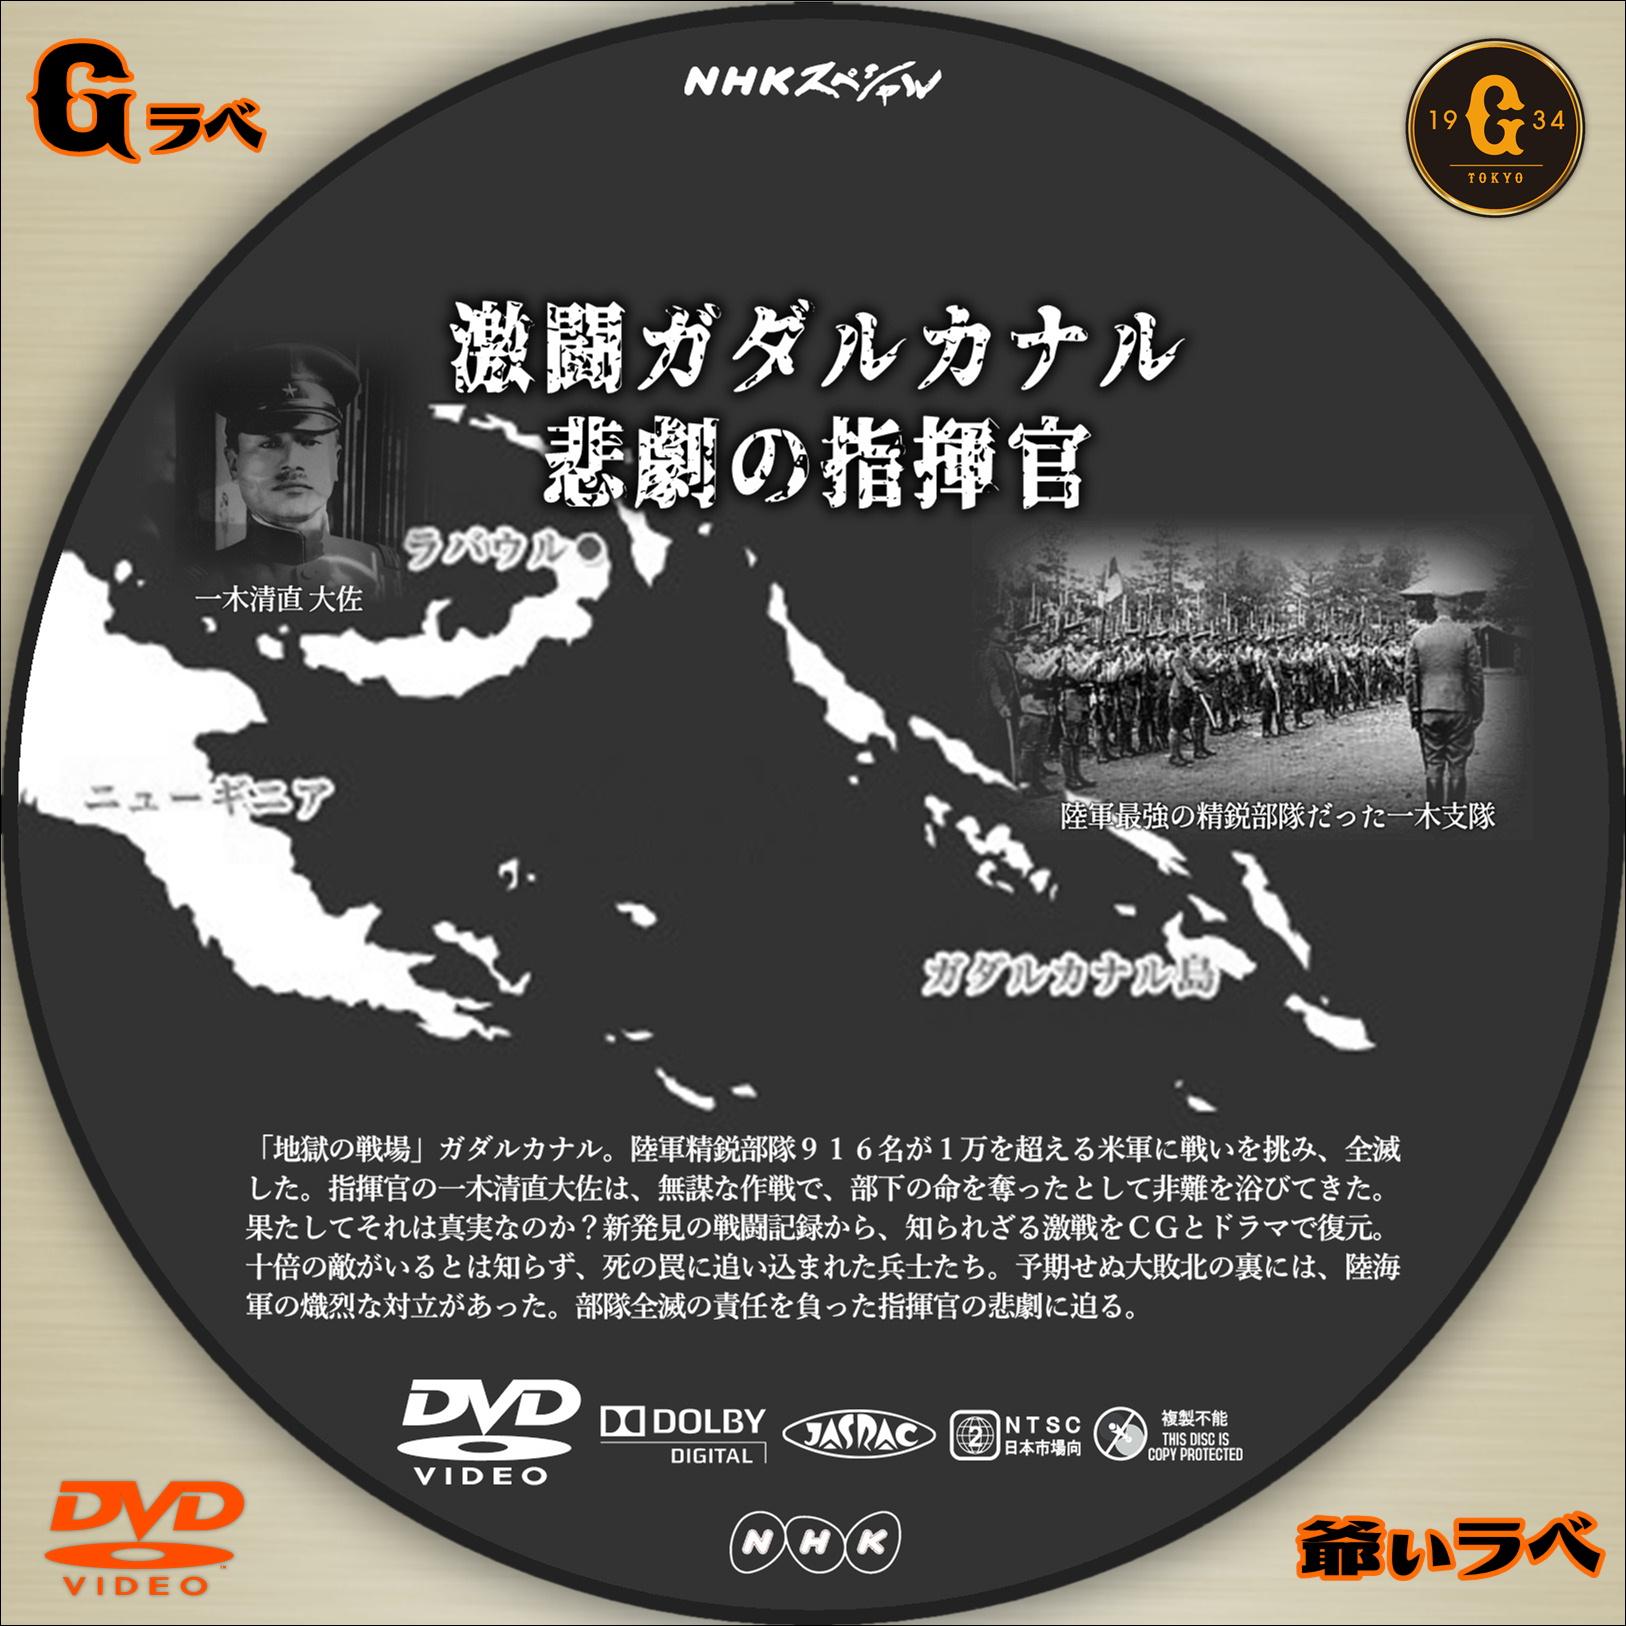 激闘ガダルカナル 悲劇の指揮官(DVD)